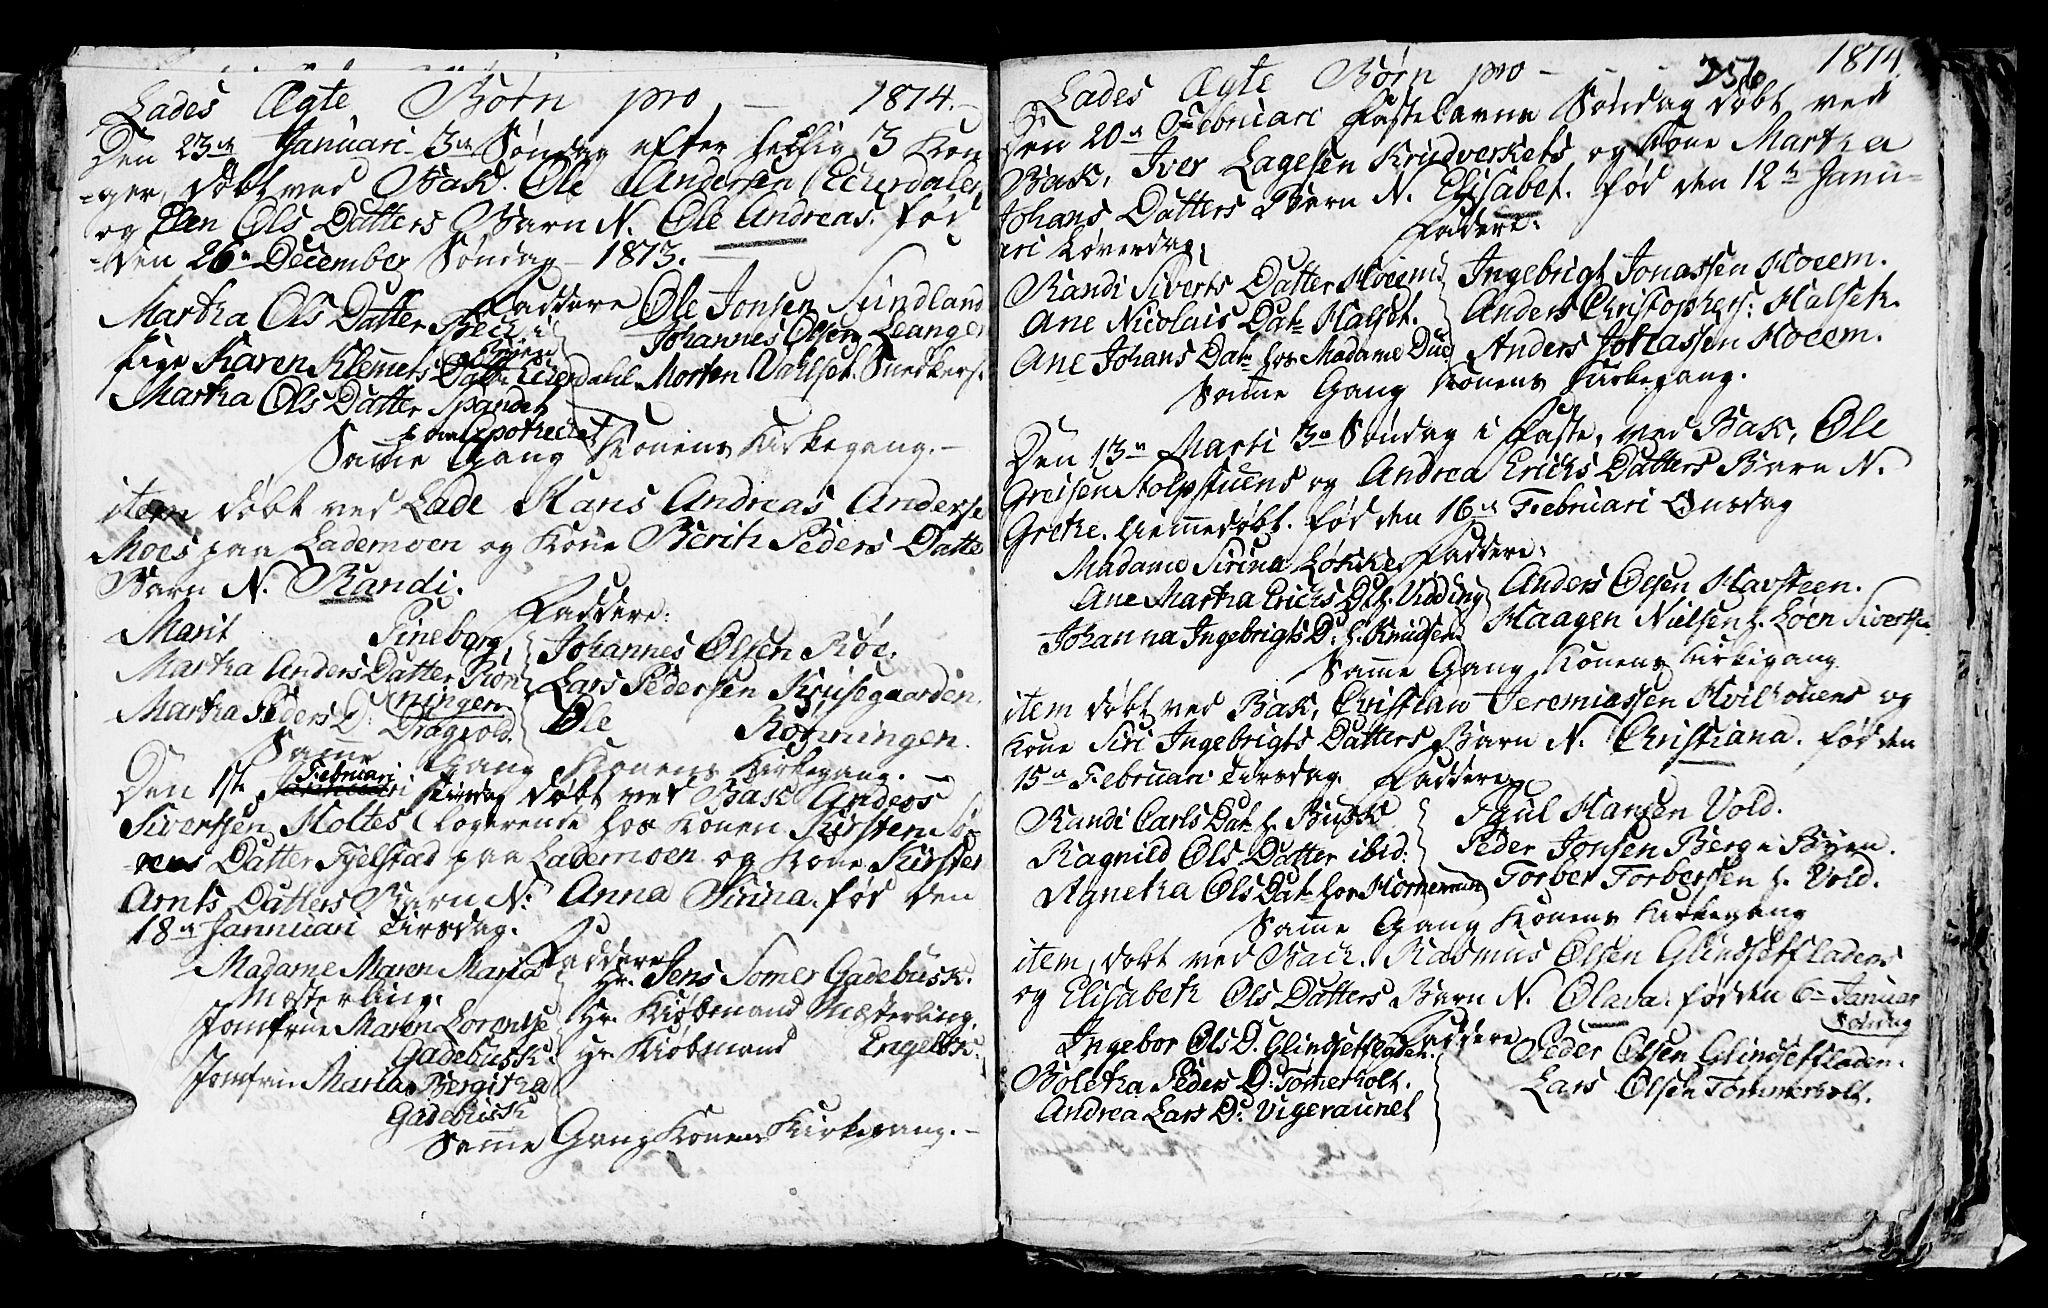 SAT, Ministerialprotokoller, klokkerbøker og fødselsregistre - Sør-Trøndelag, 606/L0305: Klokkerbok nr. 606C01, 1757-1819, s. 256